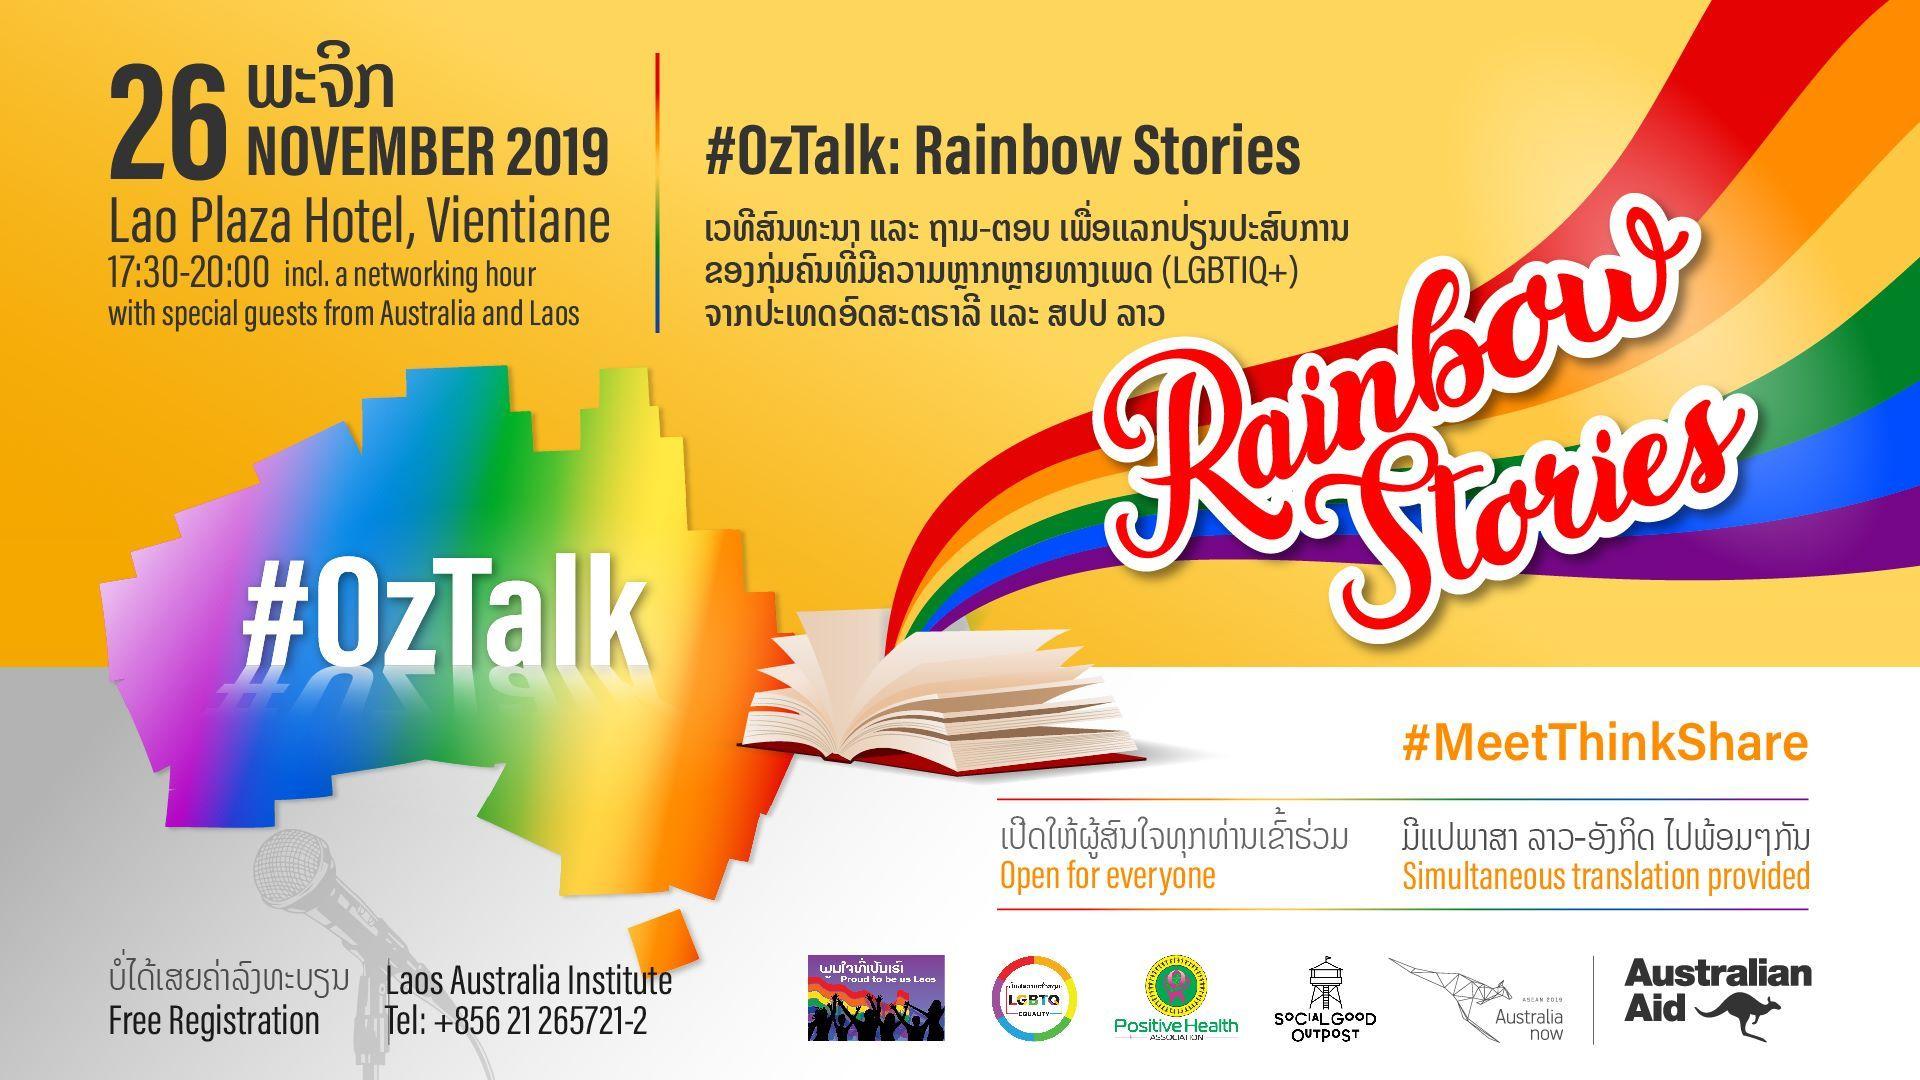 OzTalk: Rainbow Stories